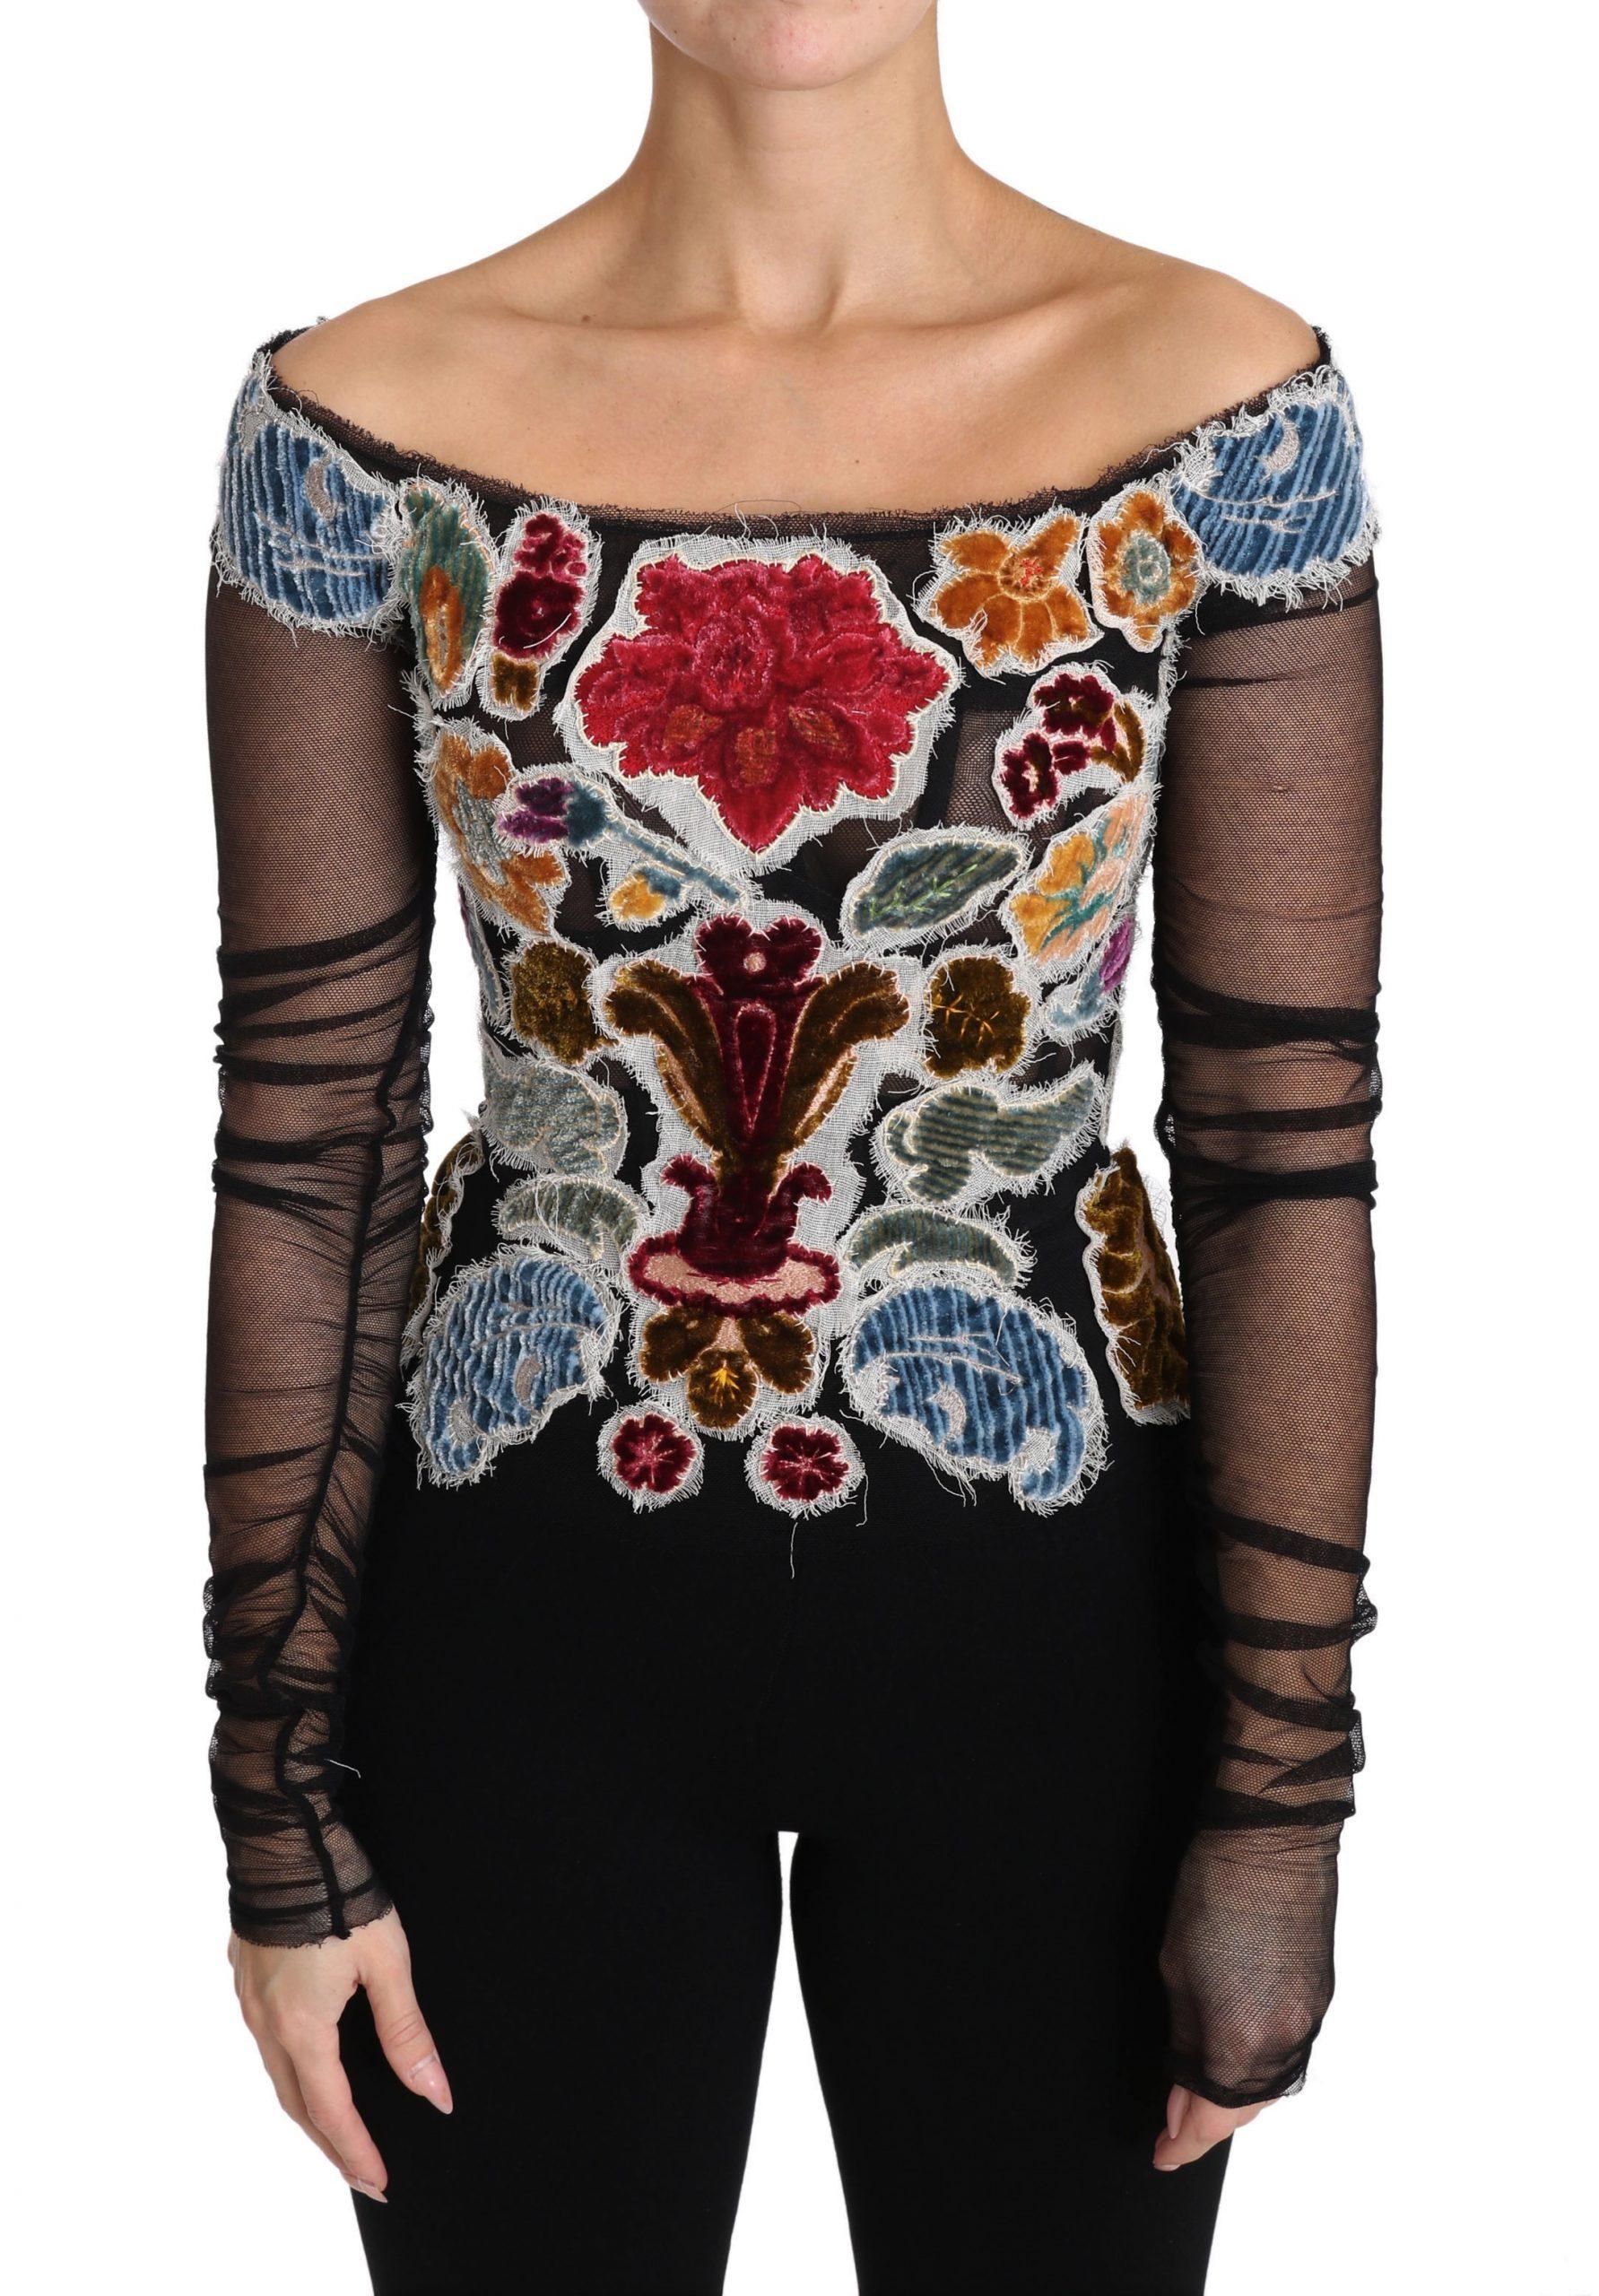 Black Floral Ricamo Top T-shirt Blouse - IT36|XXS